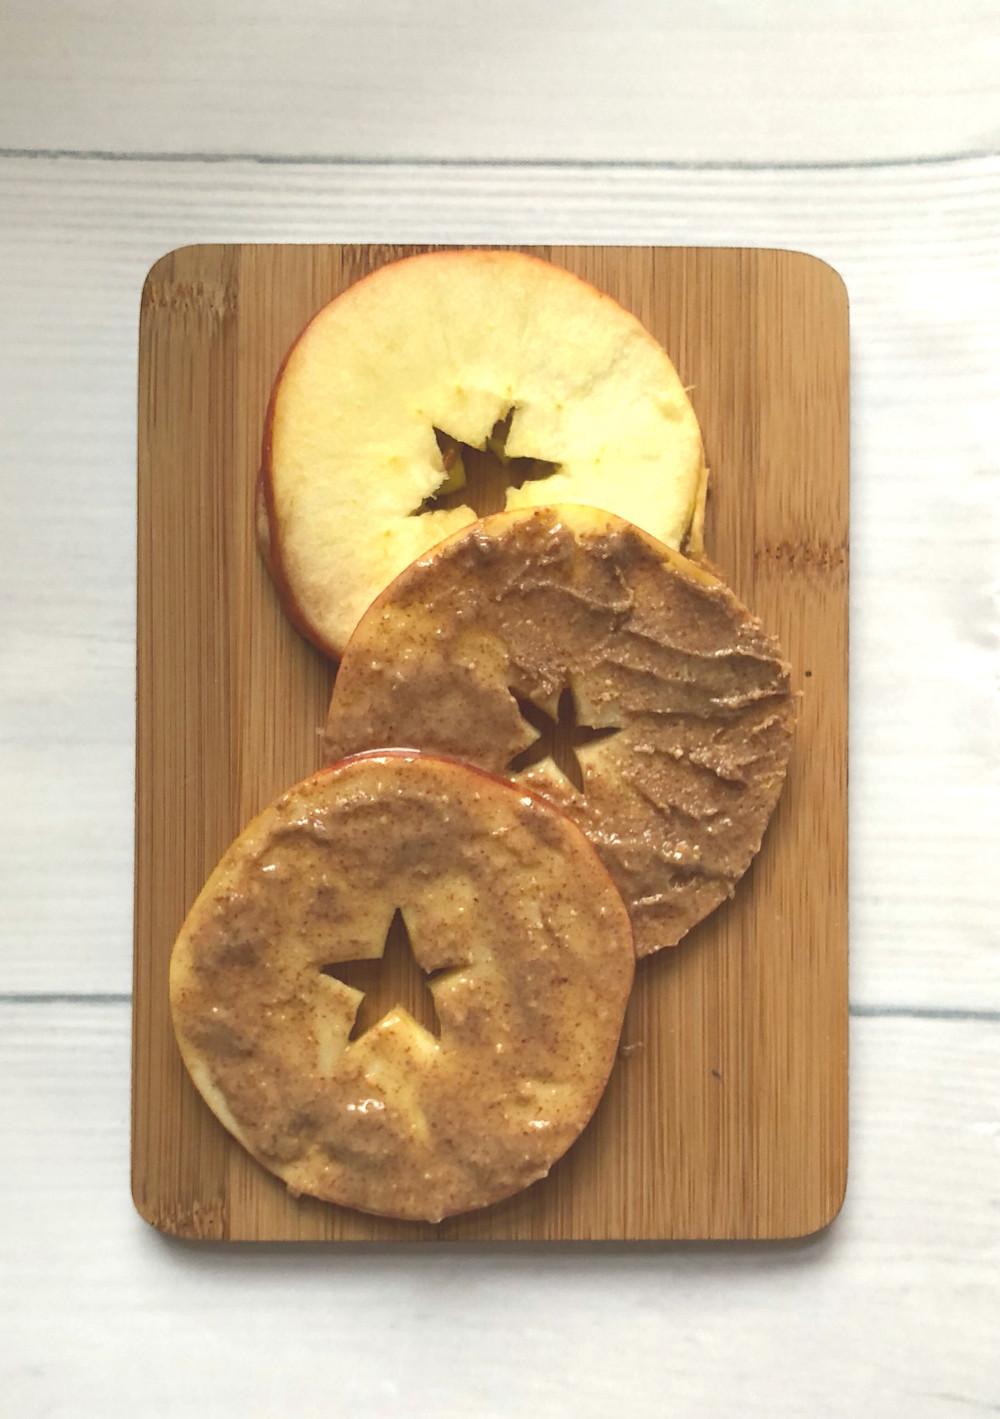 Obuolių užkandis su riešutų sviestu | www.salduolis.lt